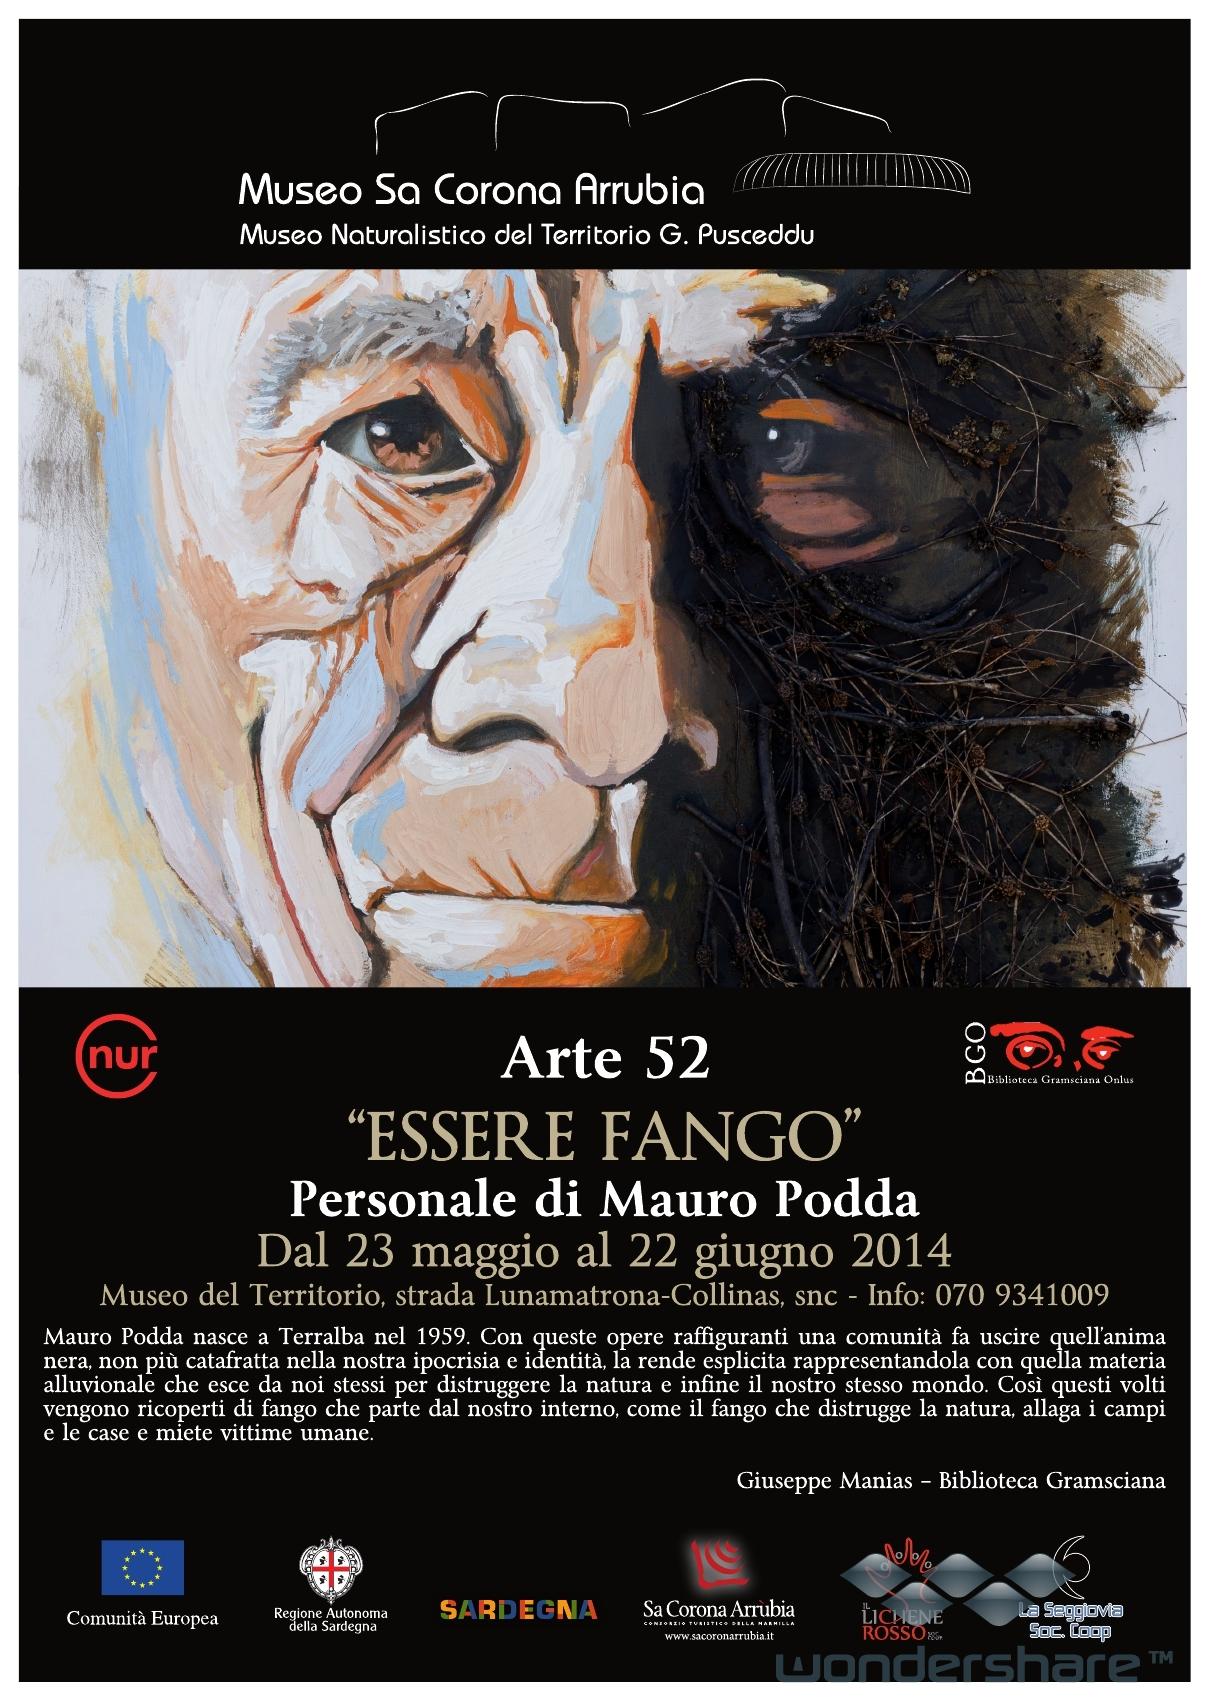 """Arte52 """"ESSERE FANGO"""" Personale di Mauro Podda Dal 23 maggio al 22 giugno 2014 Museo naturalistico del territorio """"G. Pusceddu"""""""